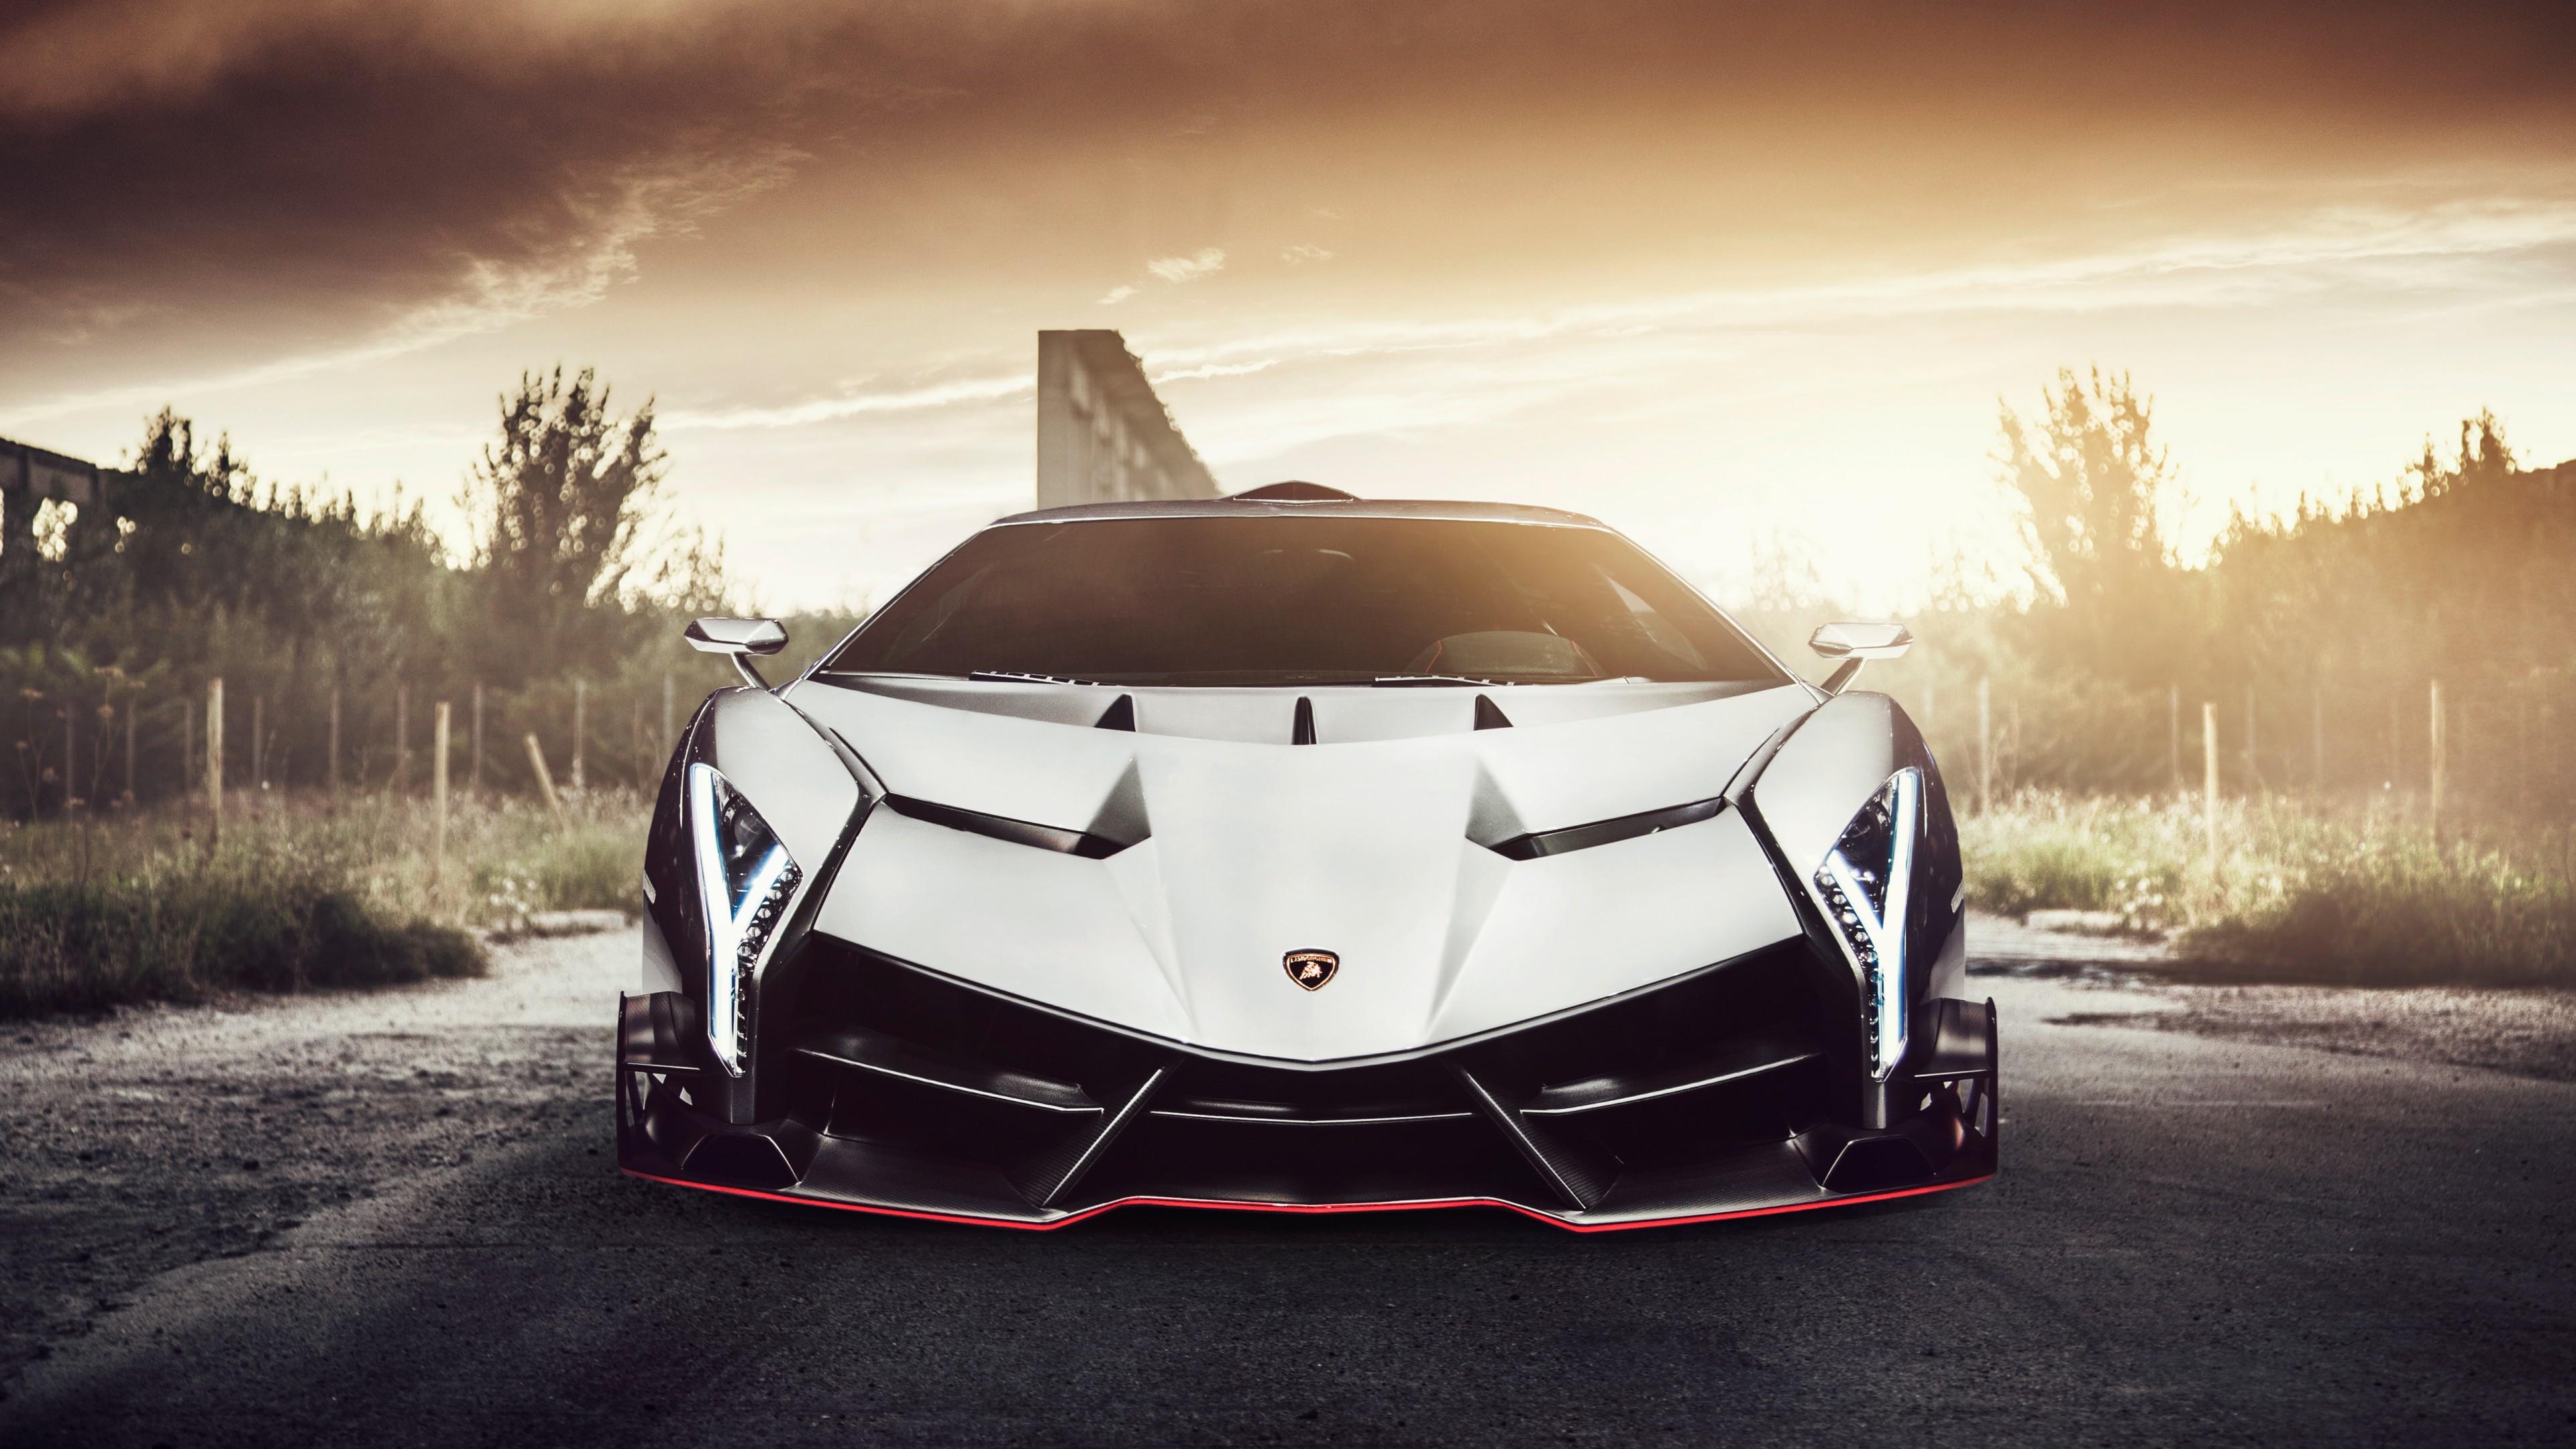 Lamborghini Veneno Hyper car 5K Wallpaper | HD Car ...